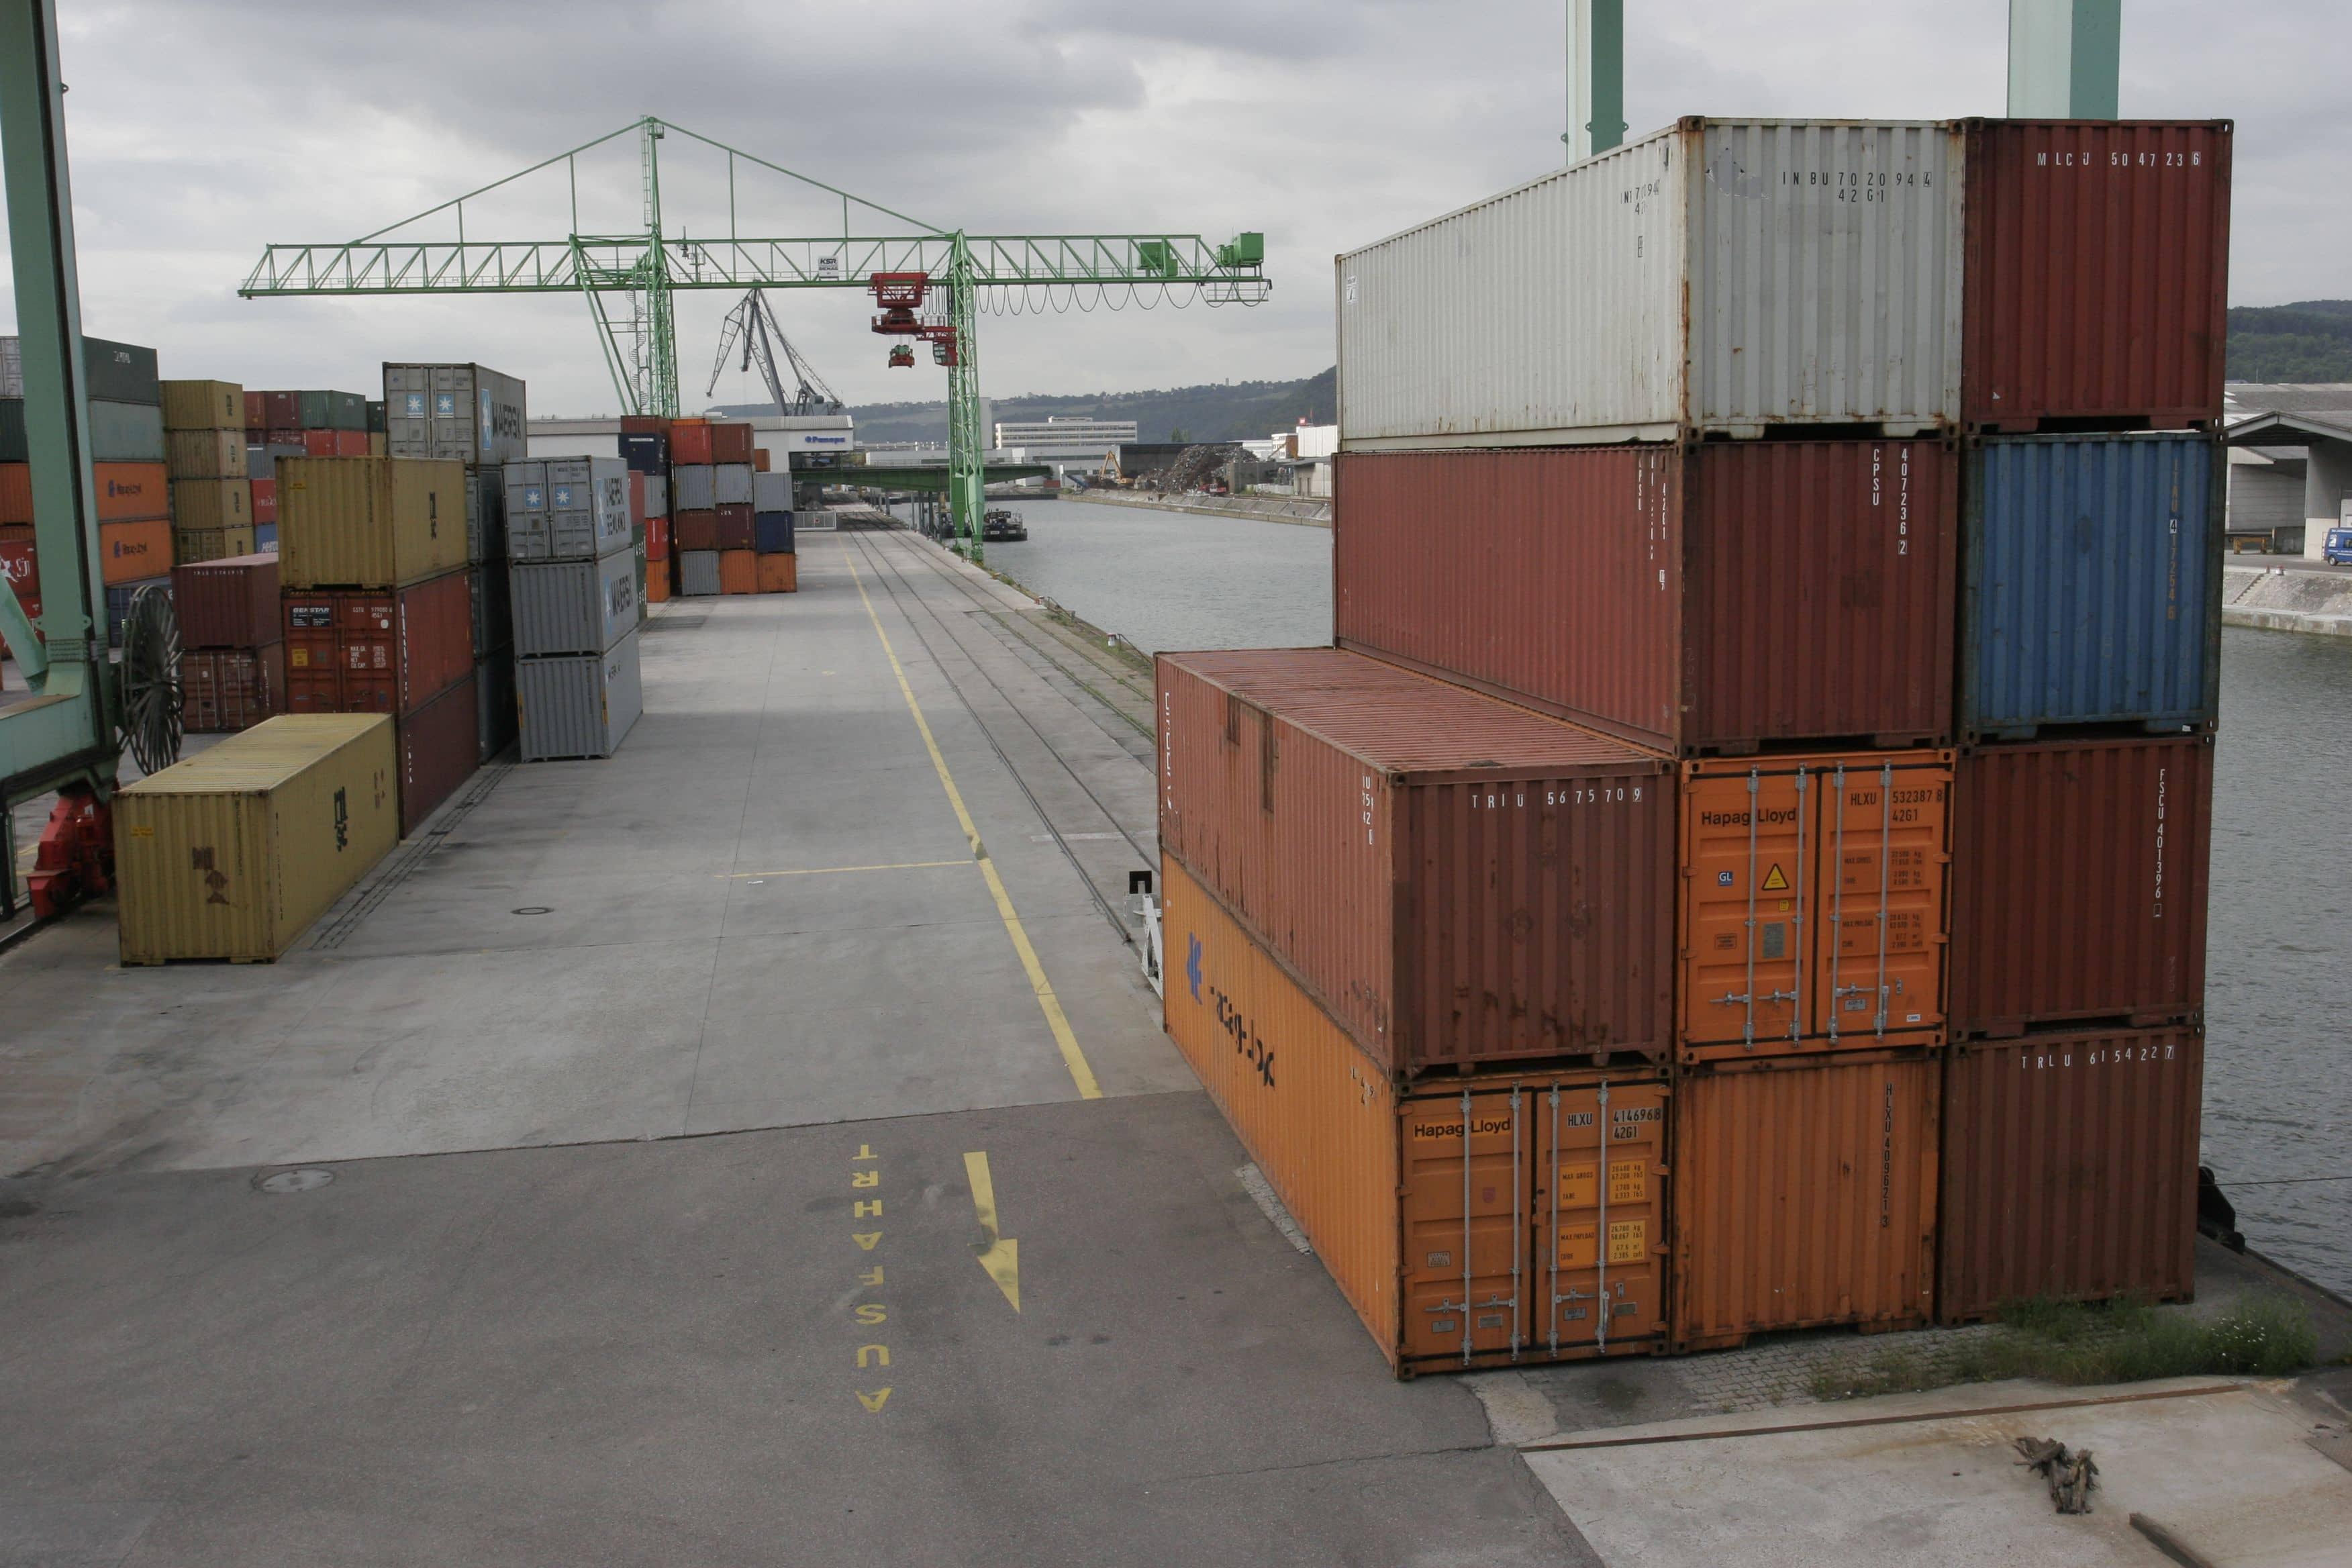 Container bestimmen den Welthandel, bergen gleichzeitig aber auch viele Gefahren. Foto: Matthias Rathmann